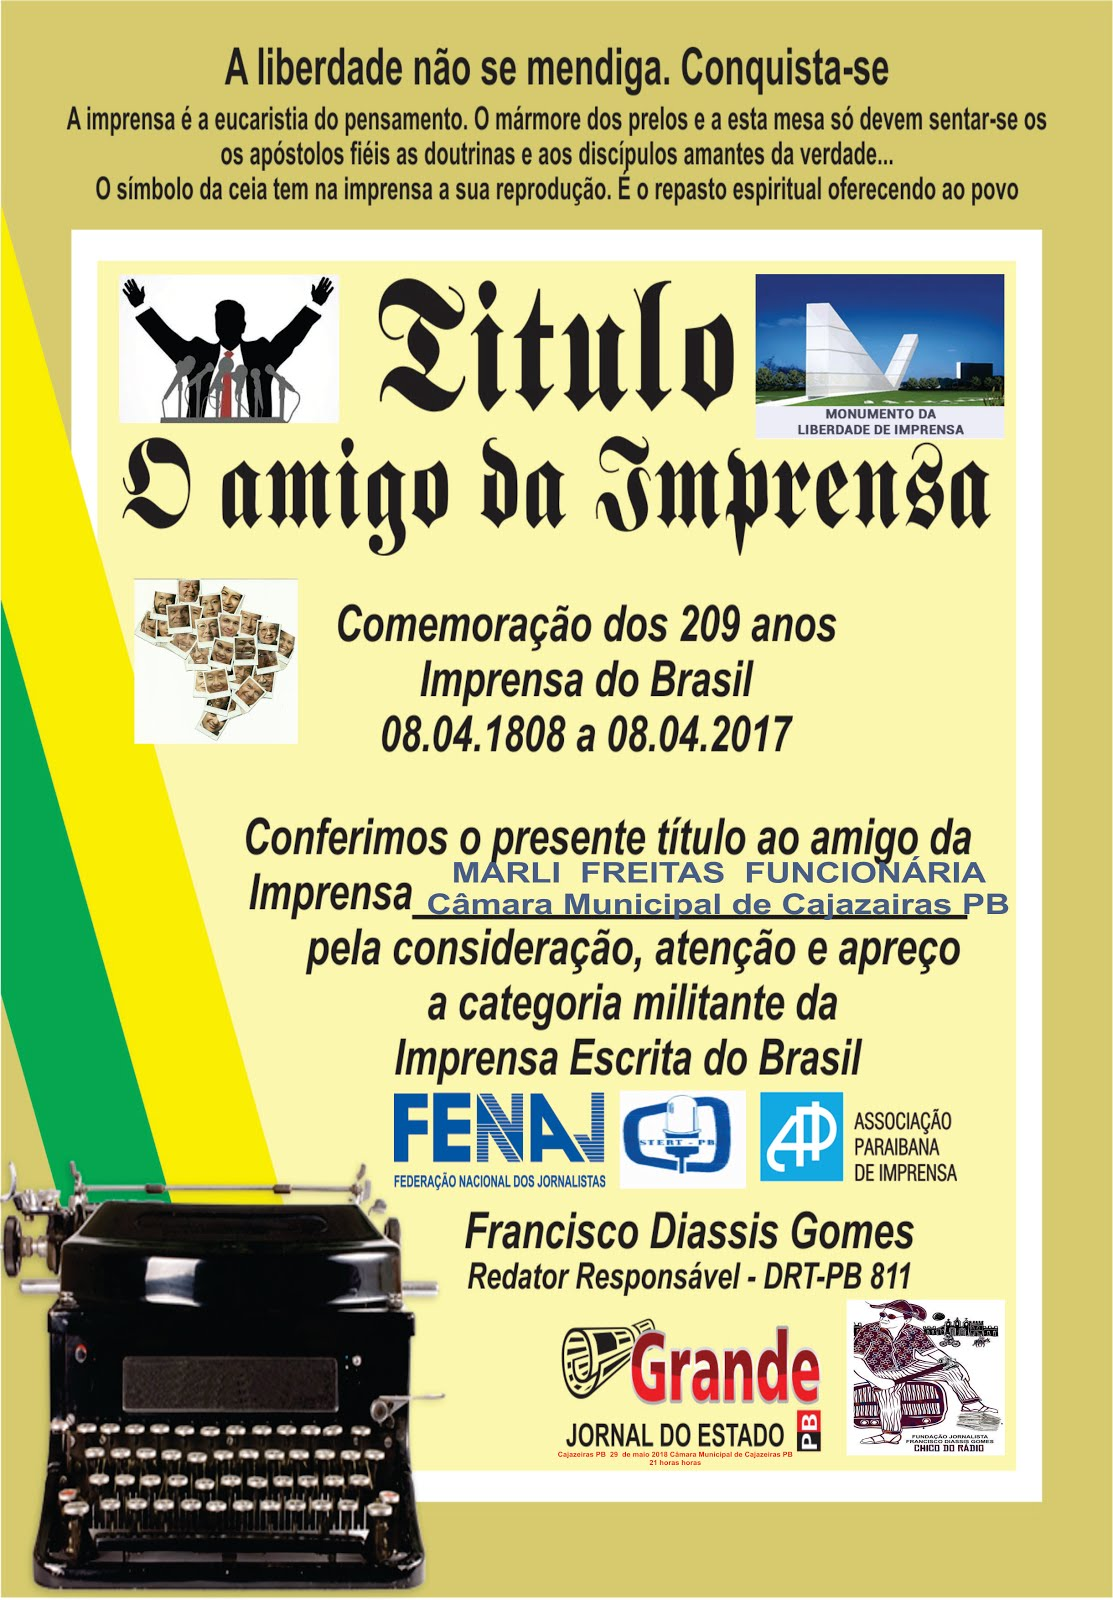 HOMENAGEADA MARLI FREITAS  CÂMARA MUNICIPAL DE CAJAZEIRAS  PB